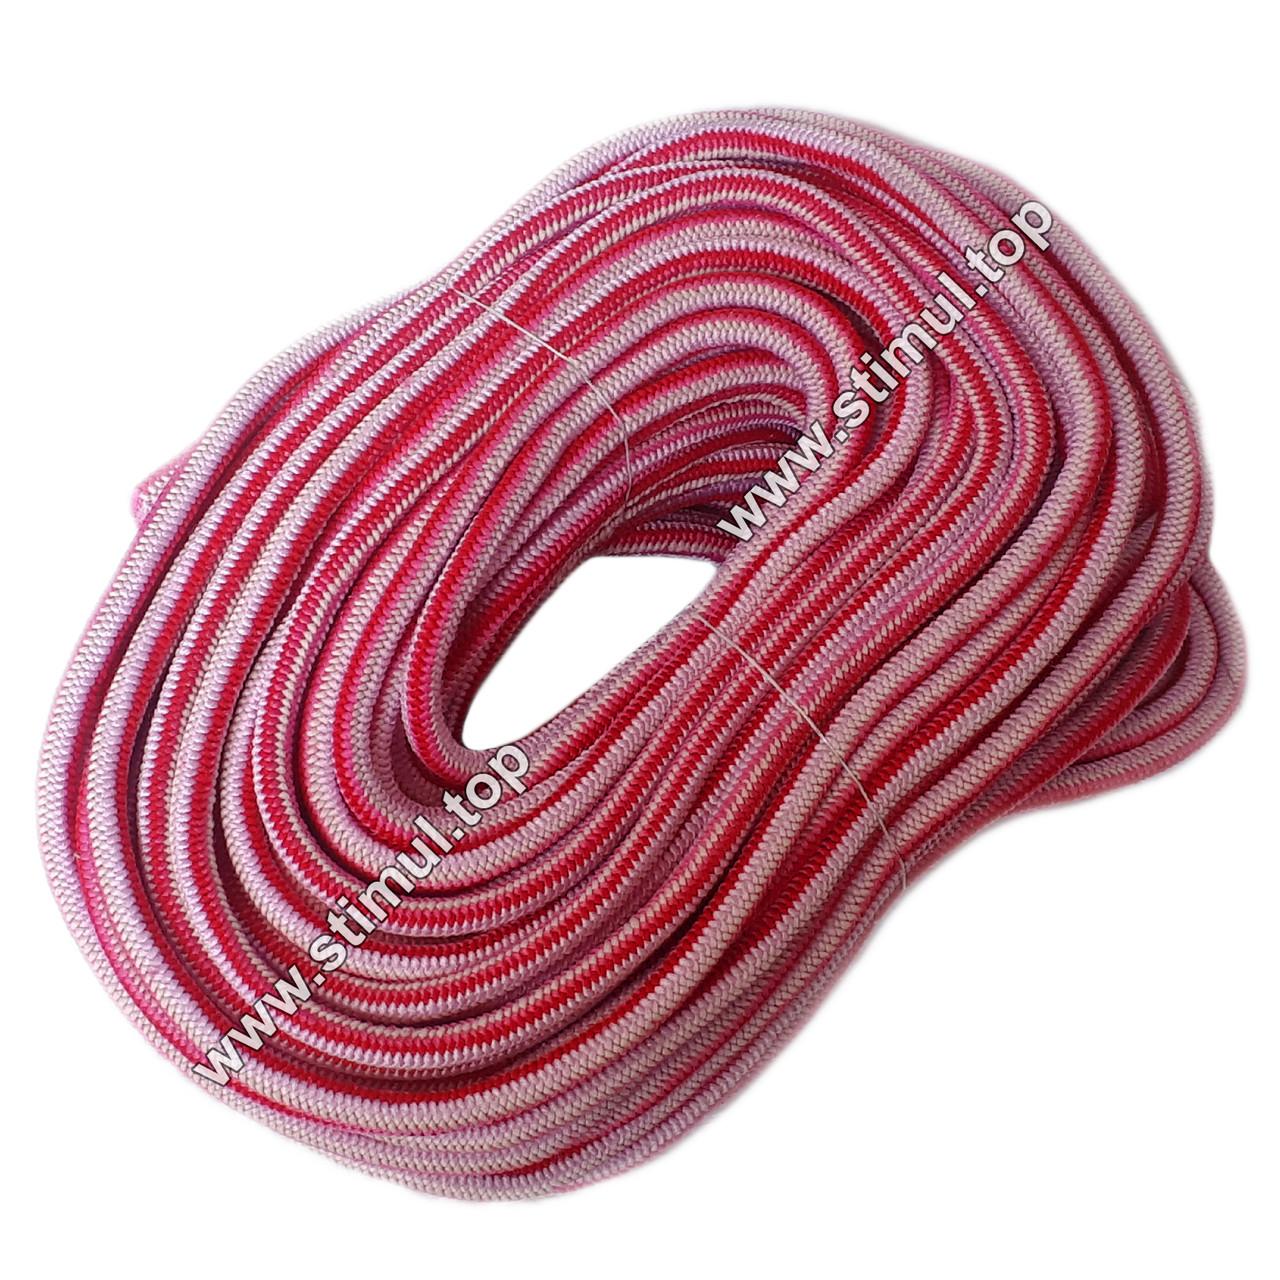 ГИПЕР ЭЛАСТИЧНЫЙ шнур-резинка 7 мм х 40 метров / Стретч корд / Гиперэластичный резиновый трос в оболочке